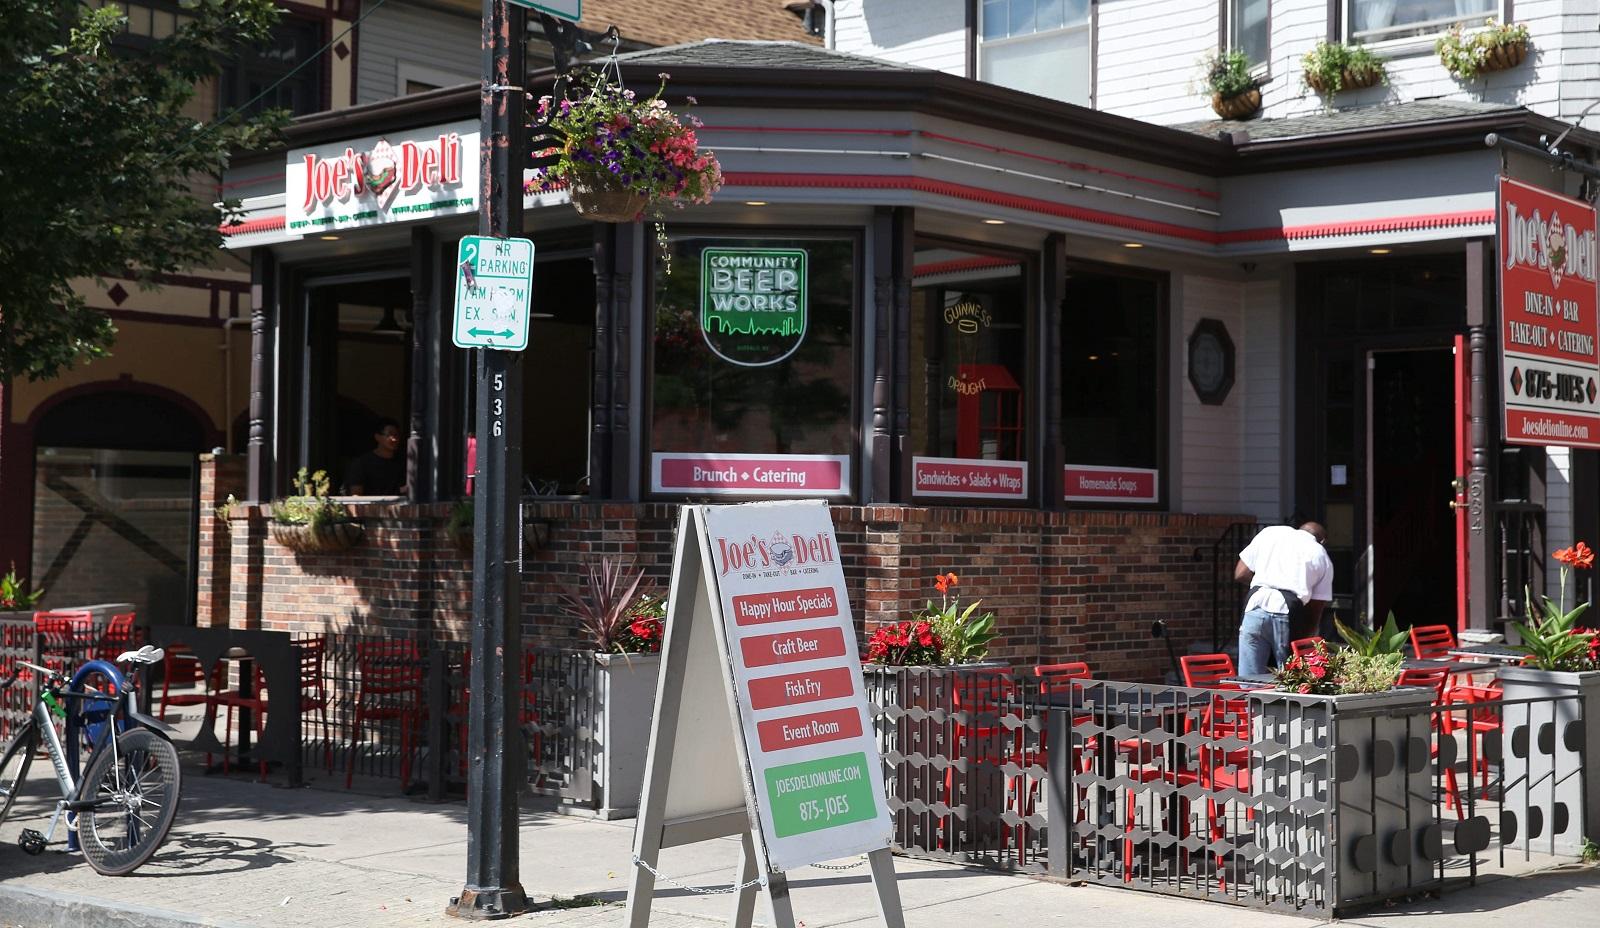 The Joe's Deli's location at 534 Elmwood Ave. has closed. (Sharon Cantillon/Buffalo News)